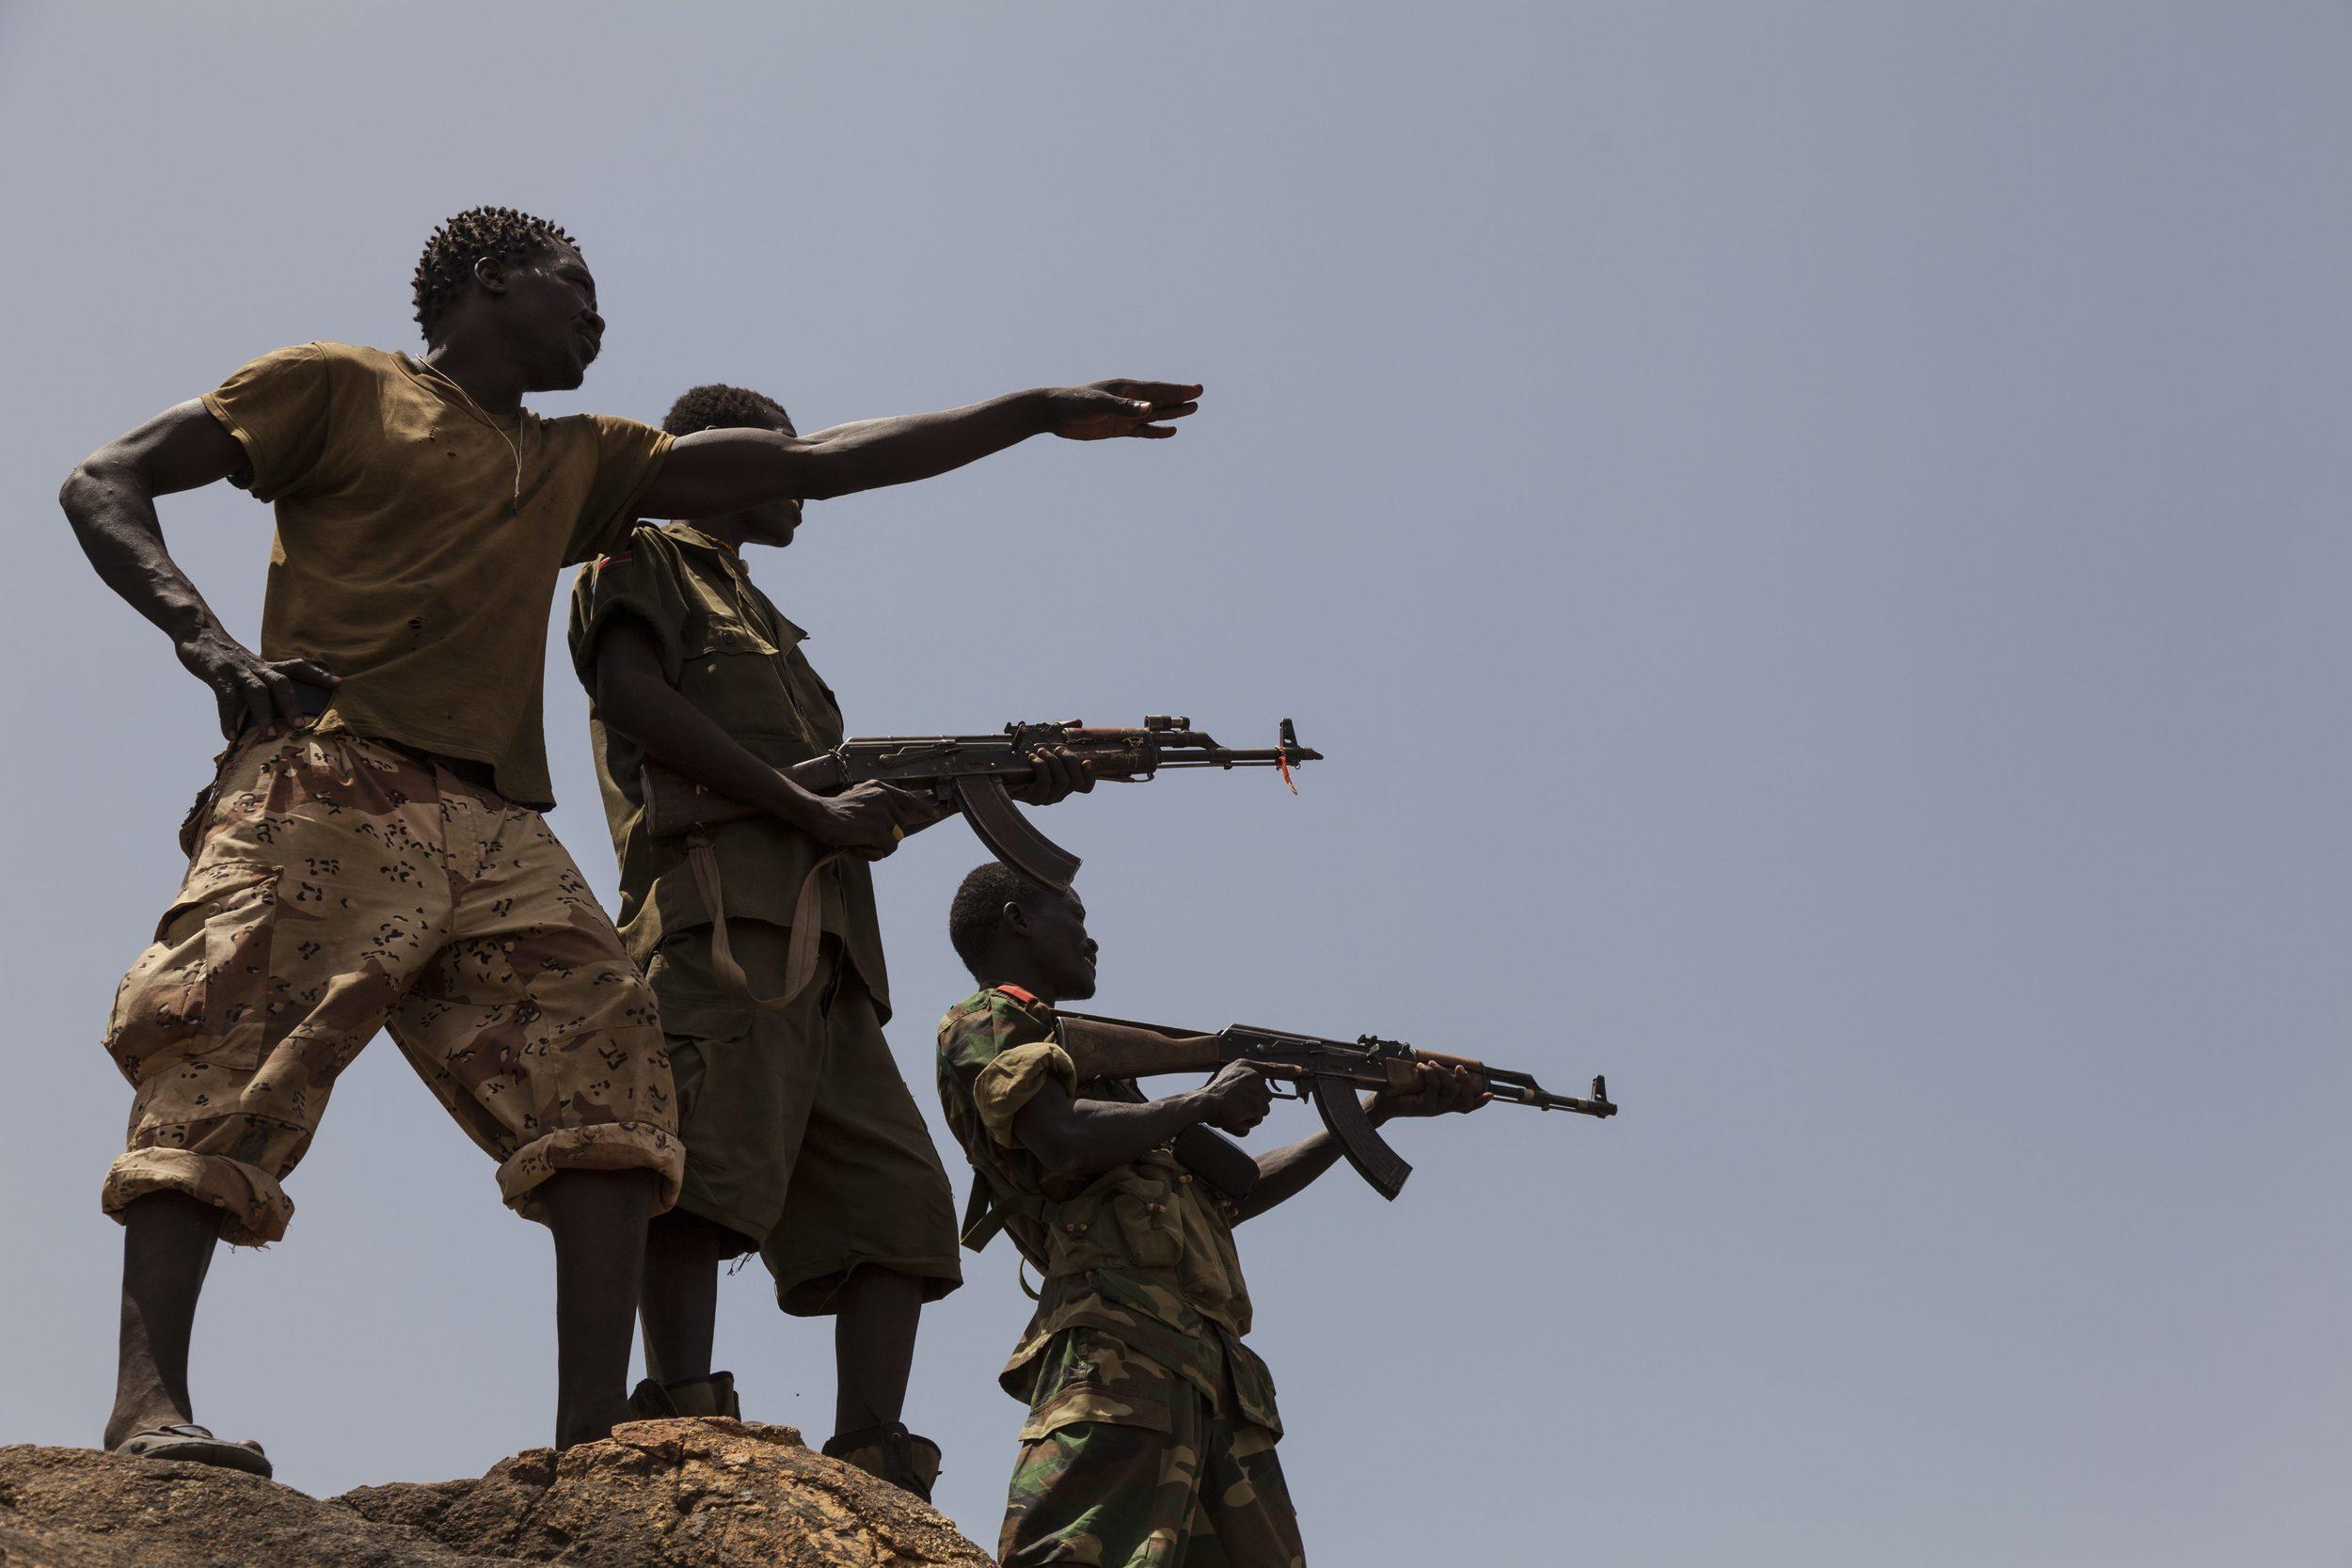 جنود من الجيش الشعبي  لتحرير السودان - قطاع الشمال يشيرون إلى قوات الحكومة السودانية من أعلى جبل في جنوب كردفان، 25 أبريل 2012